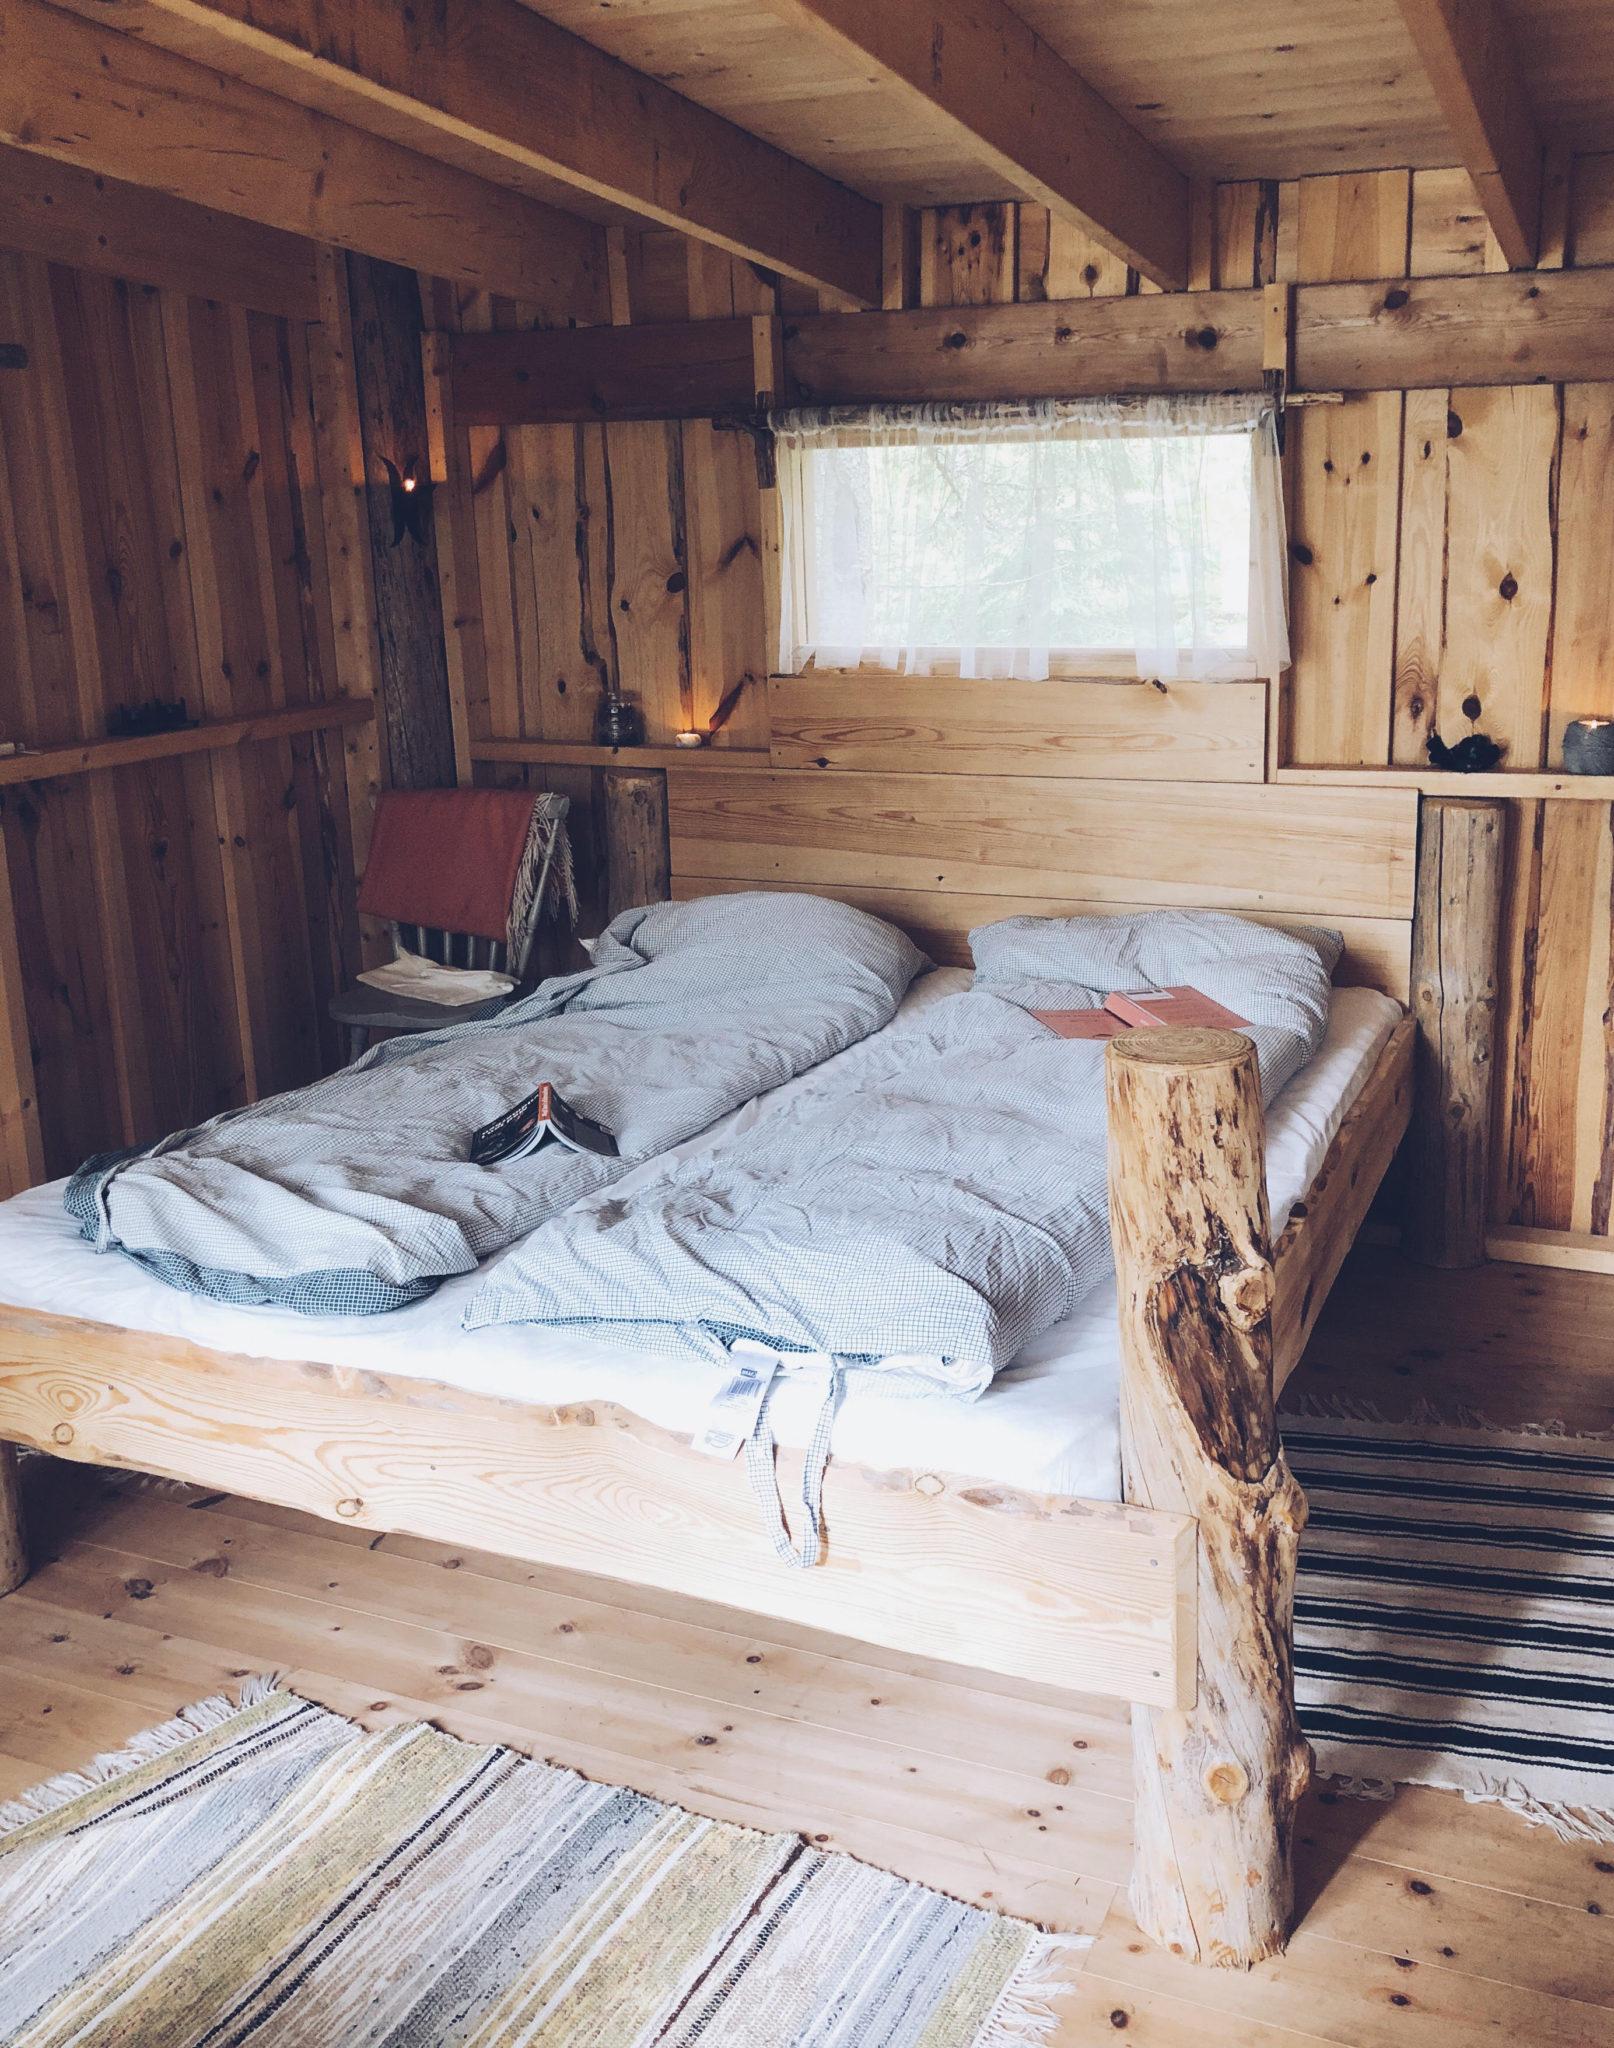 hytte i Sverige og sengen indenfor